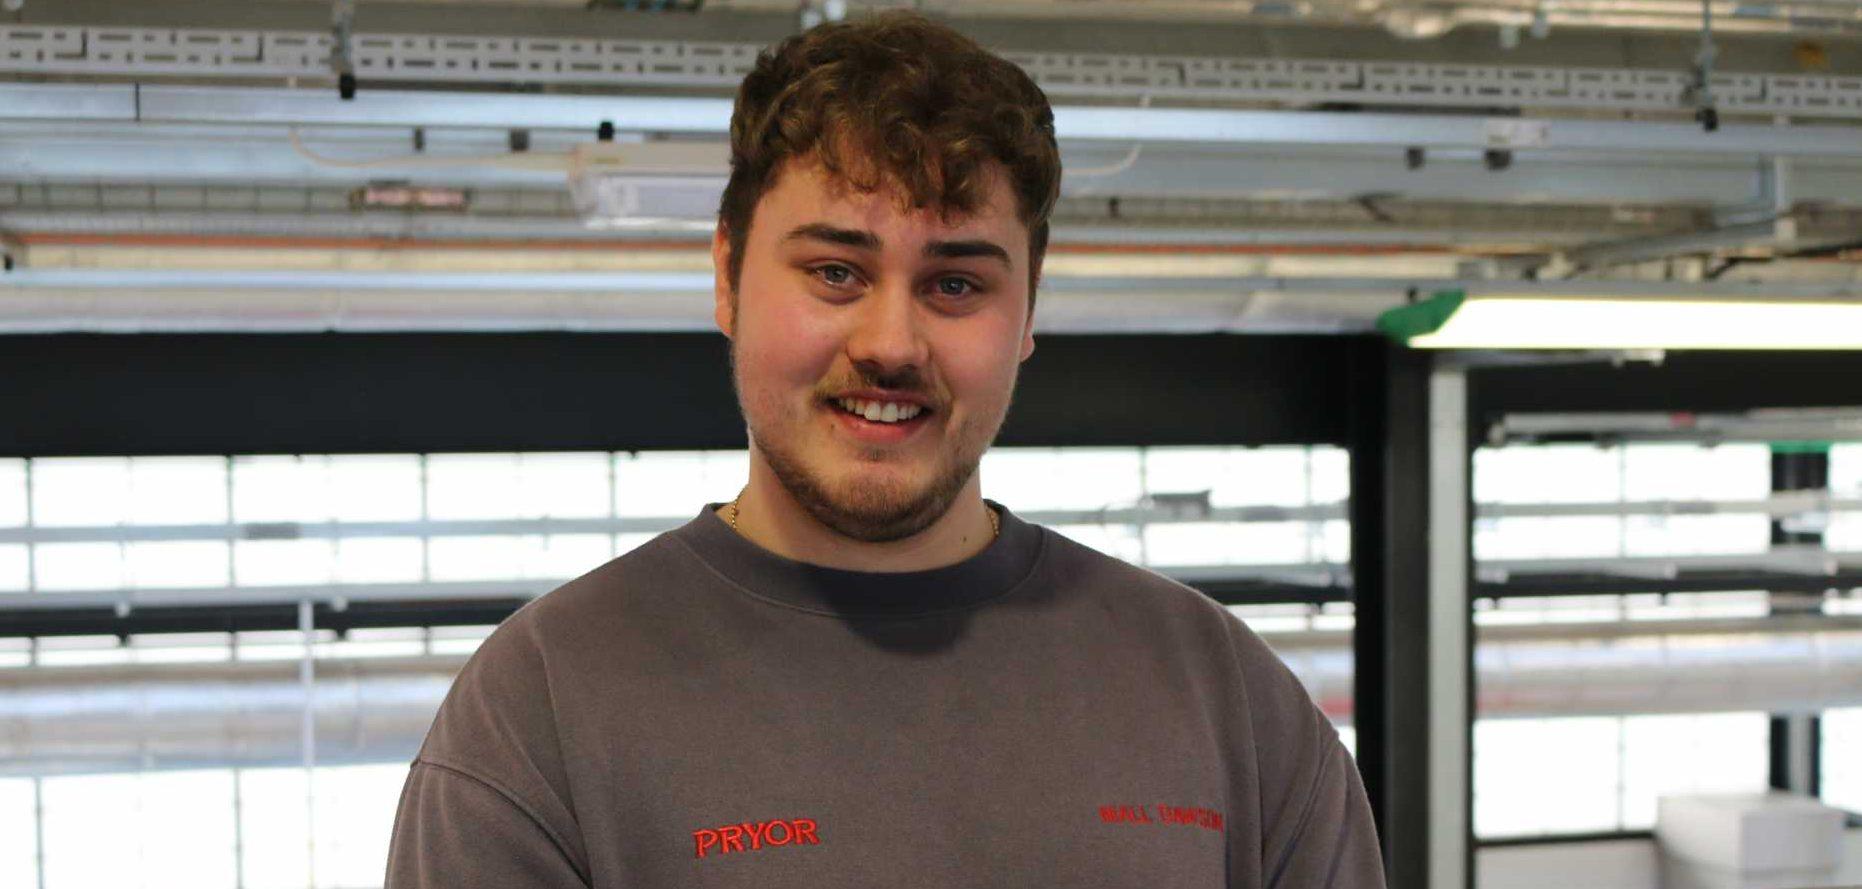 Niall Dawson - Pryor Marking Technology